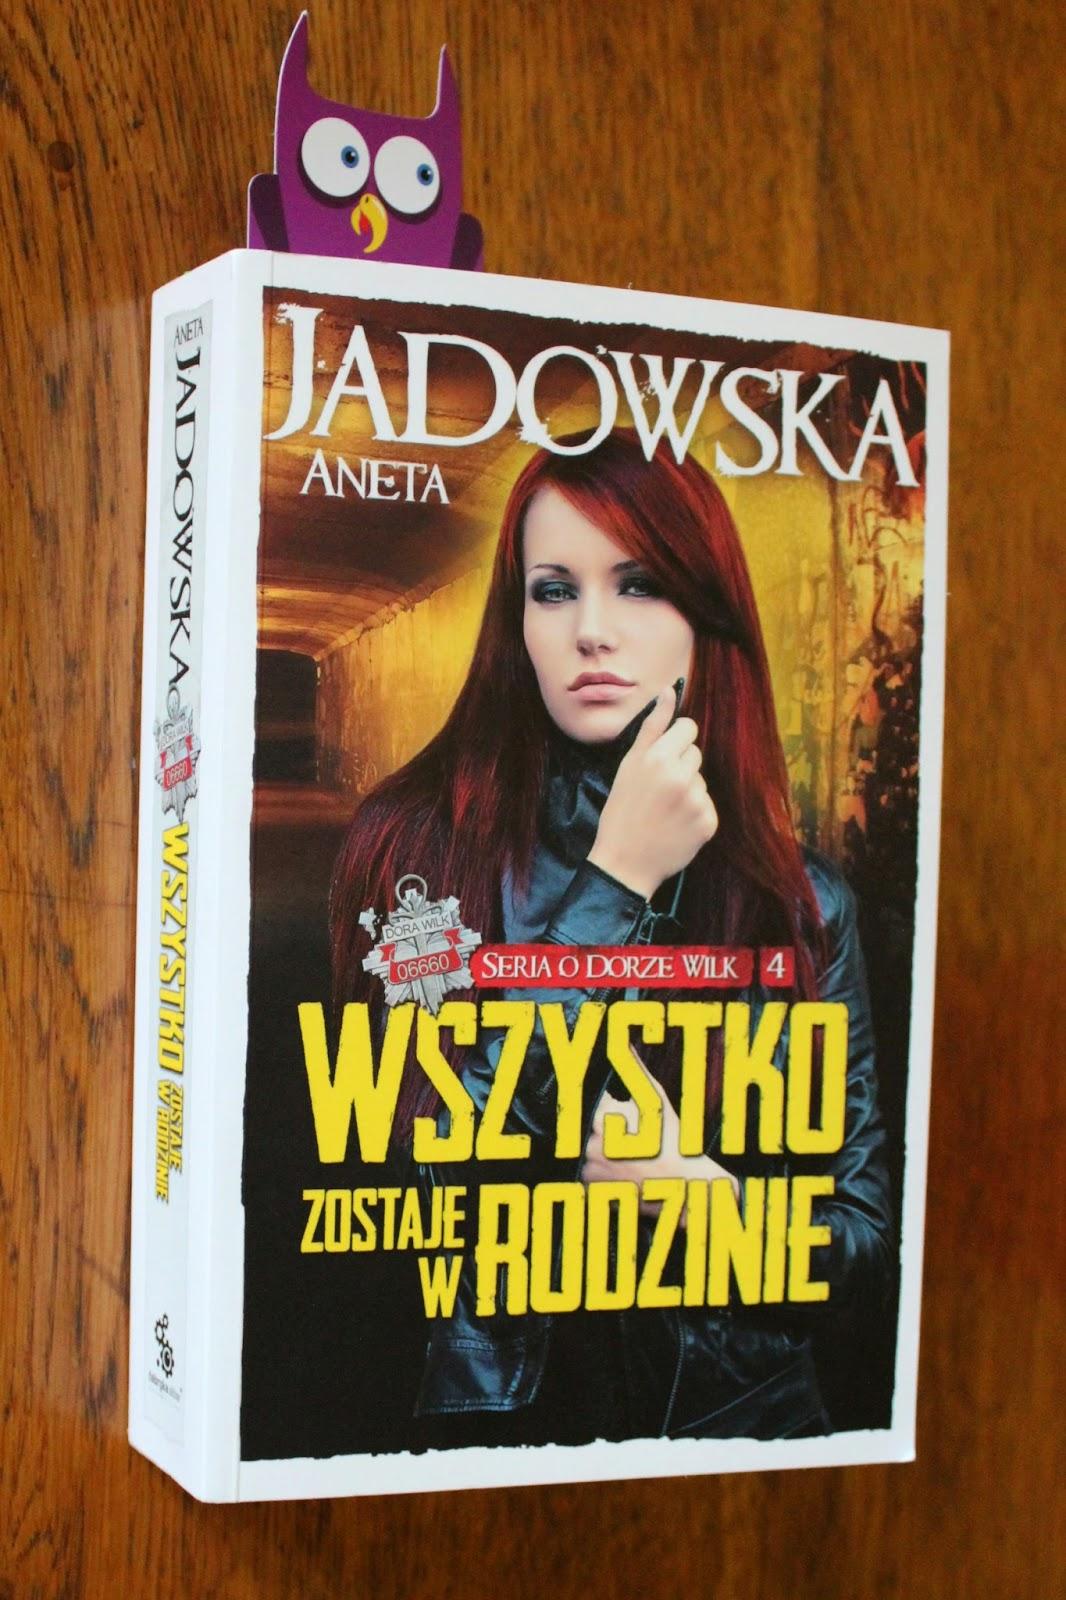 Wszystko zostaje w rodzinie – Aneta Jadowska. Jestem zachwycona!